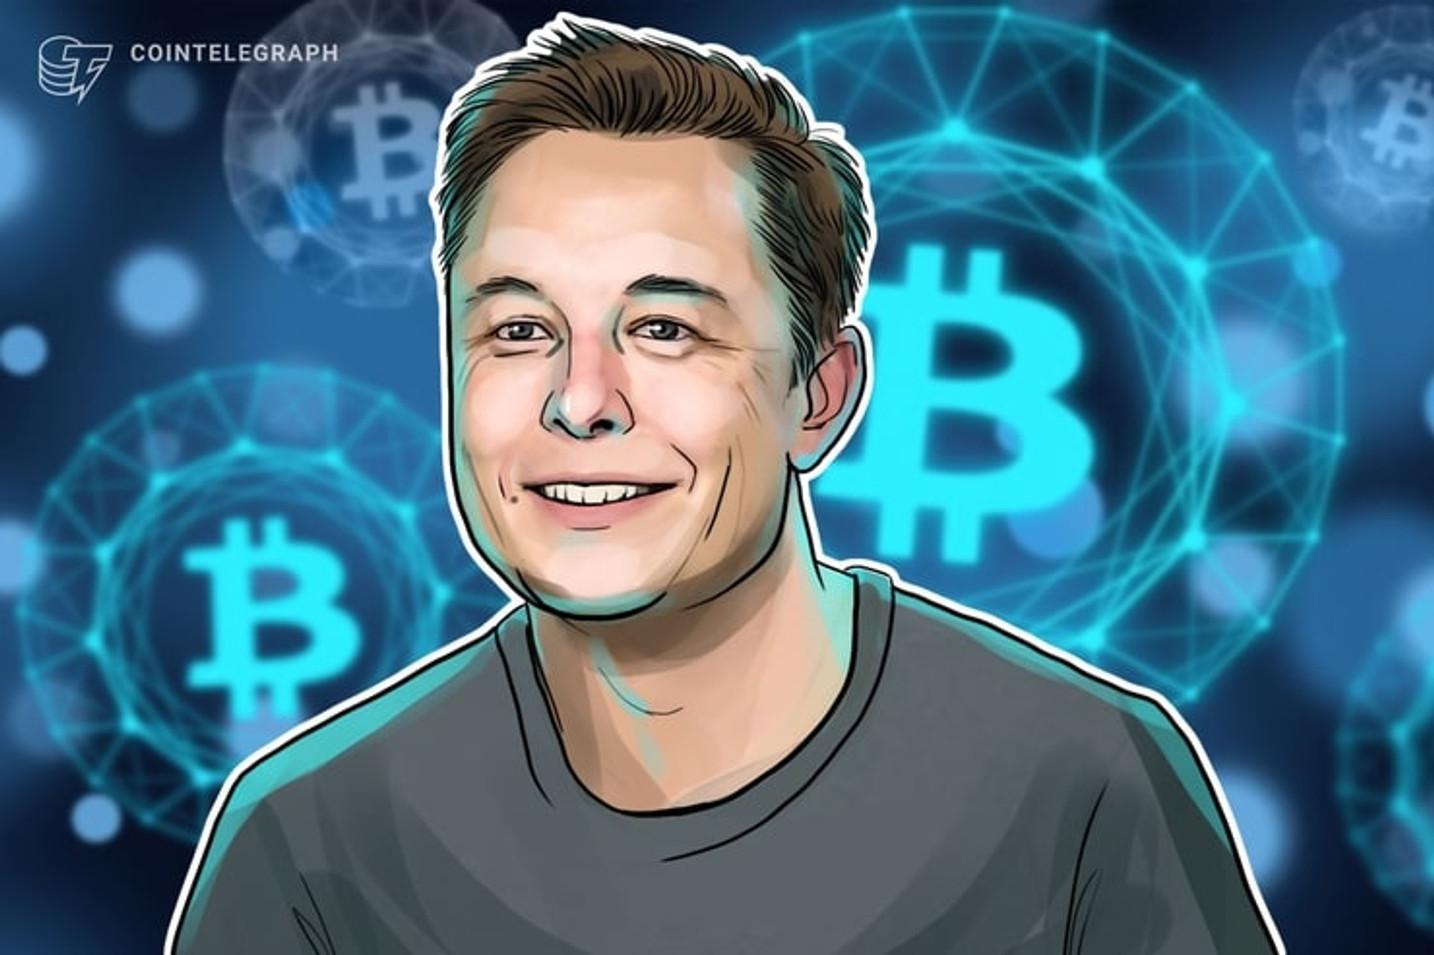 Análisis: Comentarios de Elon Musk sobre Bitcoin